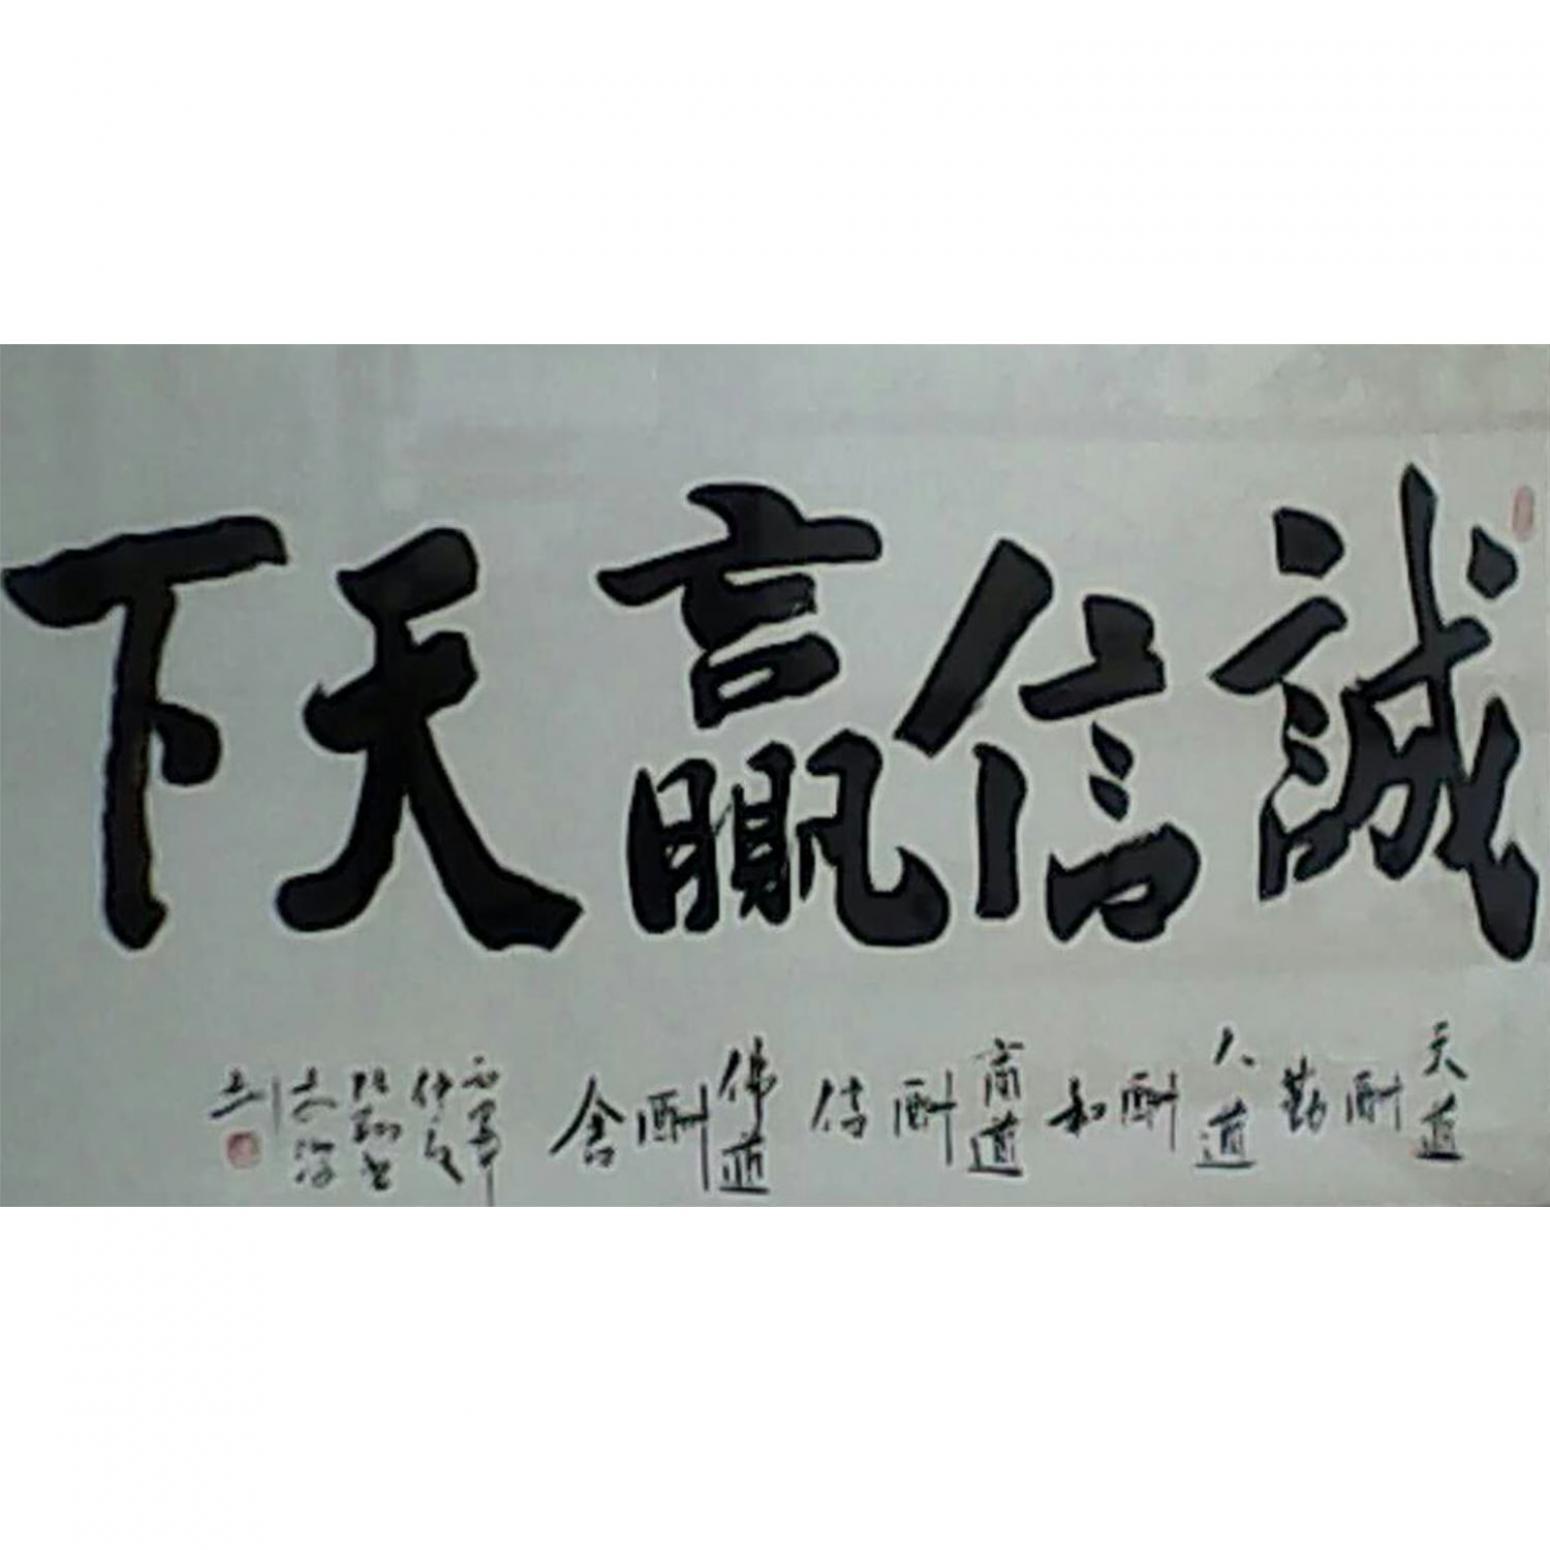 张翔书法作品《诚信赢天下》